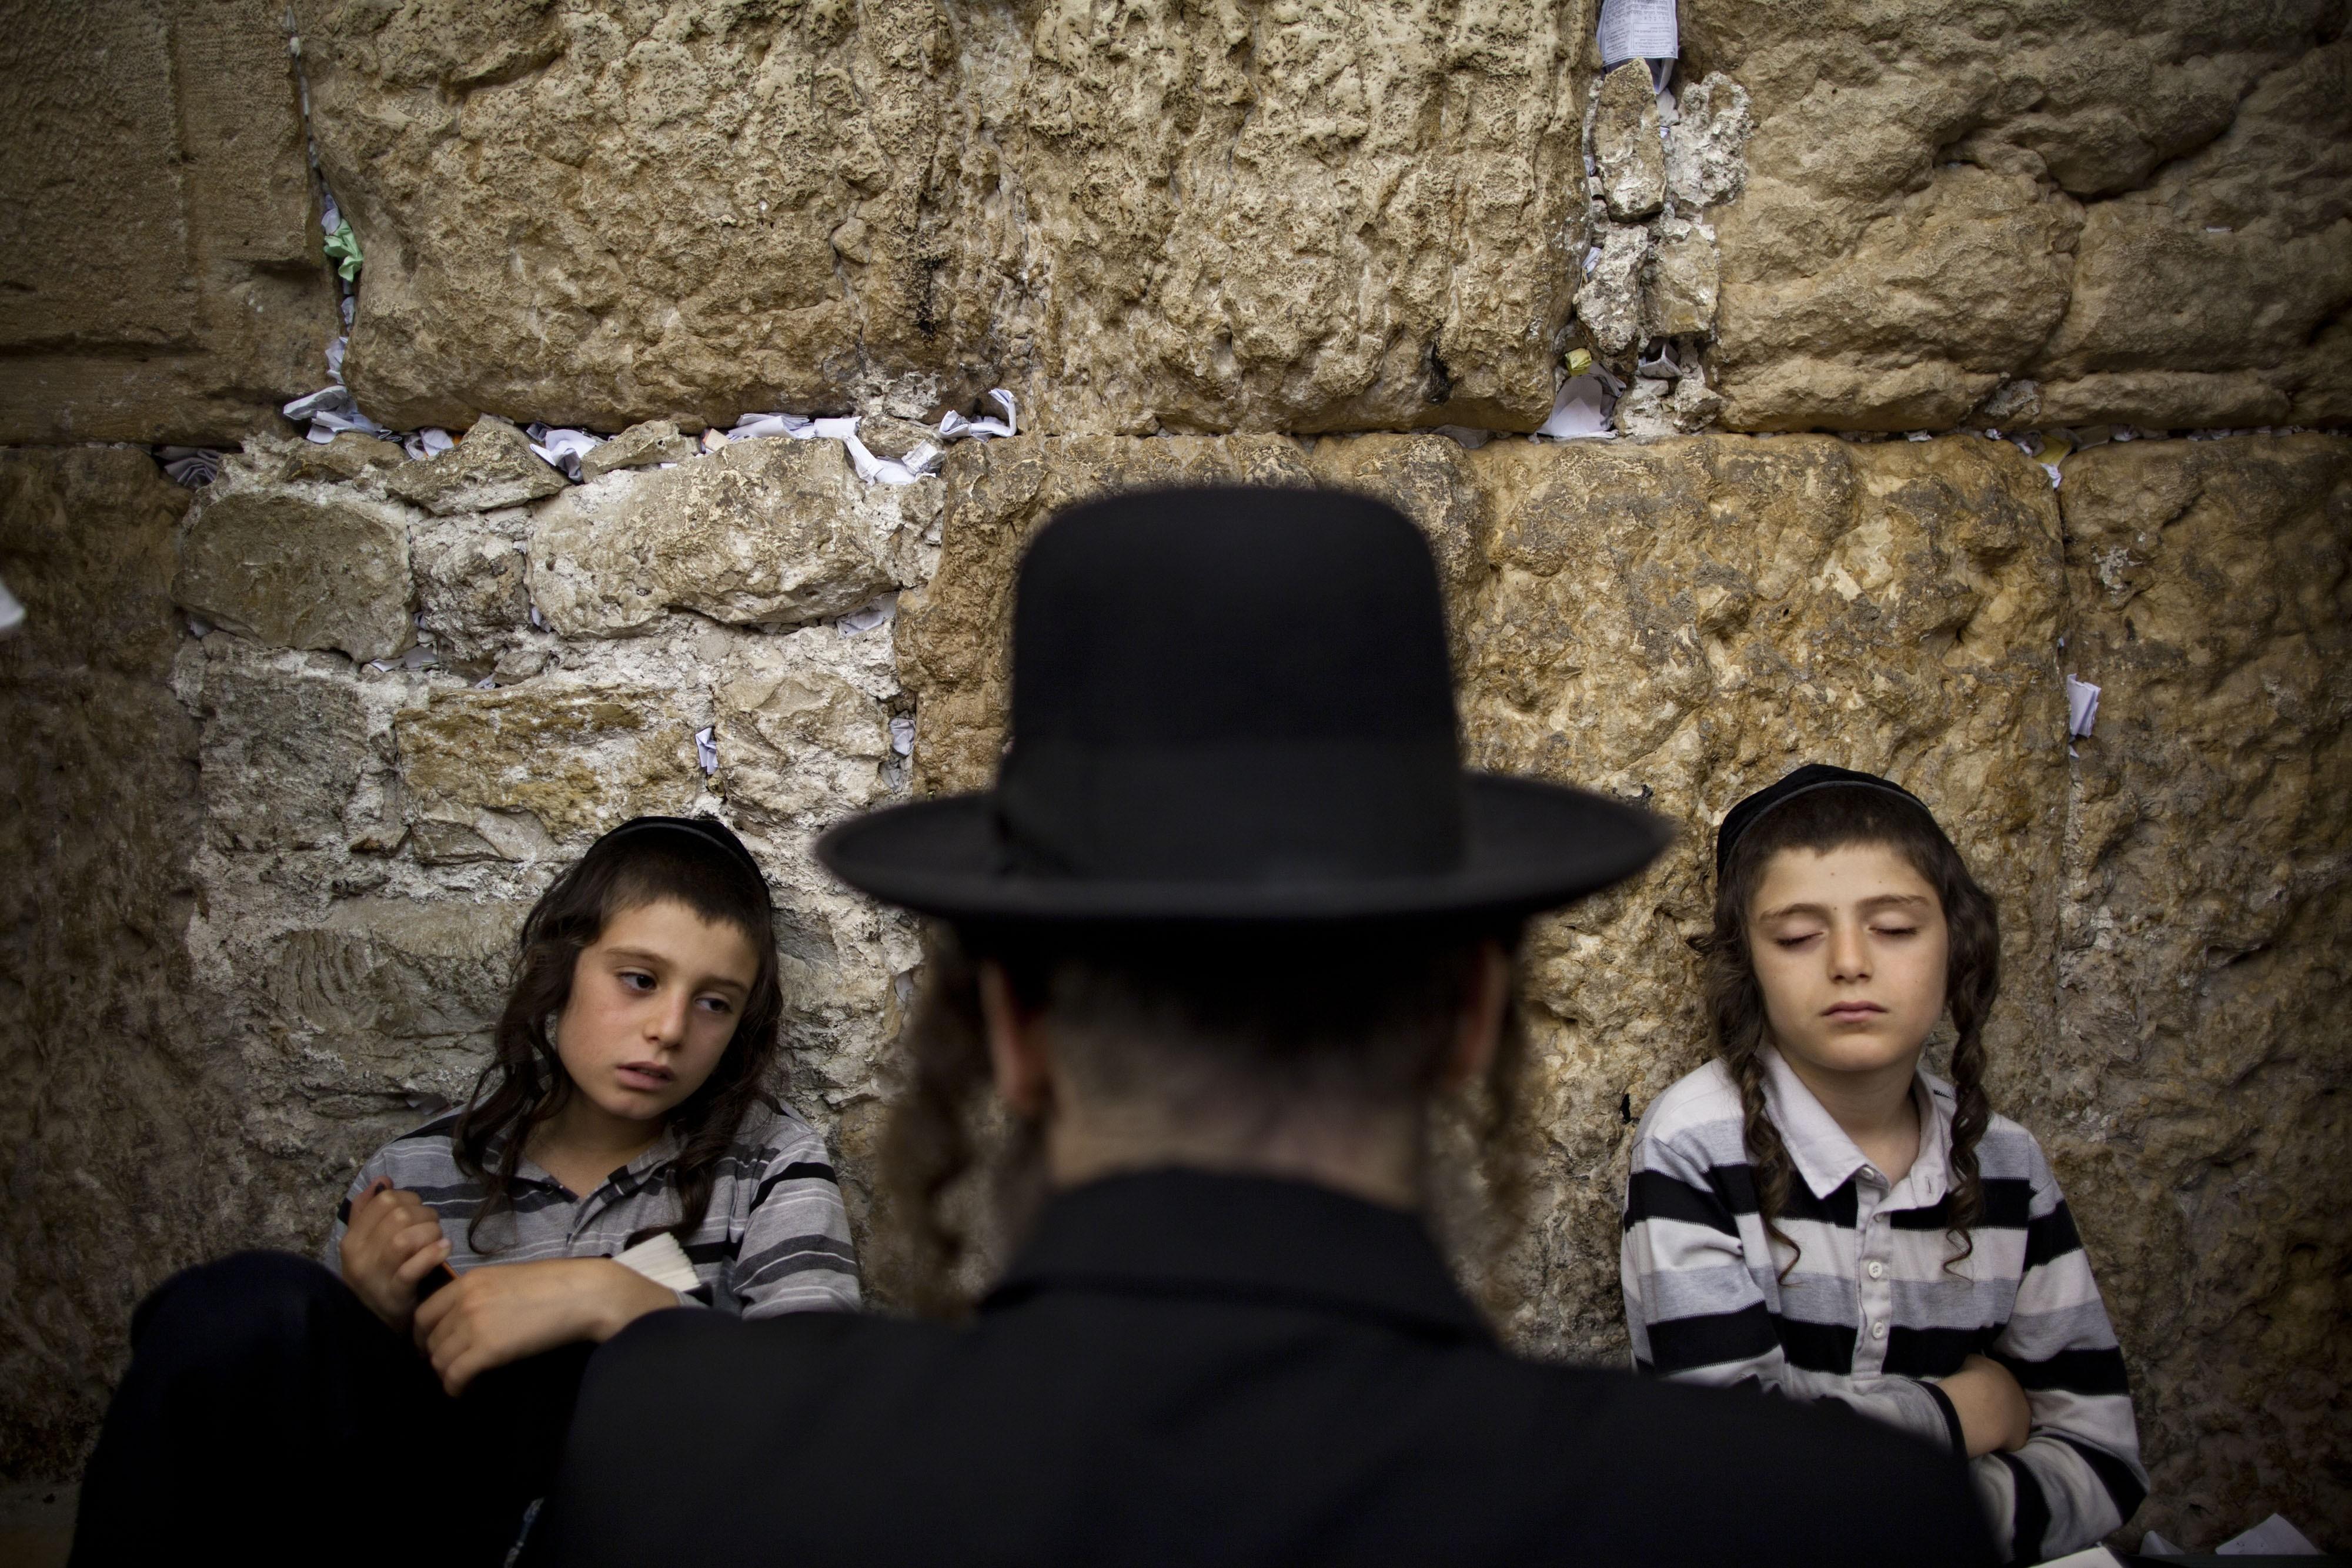 الحريديون باتوا أكثر انفتاحًا على المجتمع الإسرائيلي (أ ب)